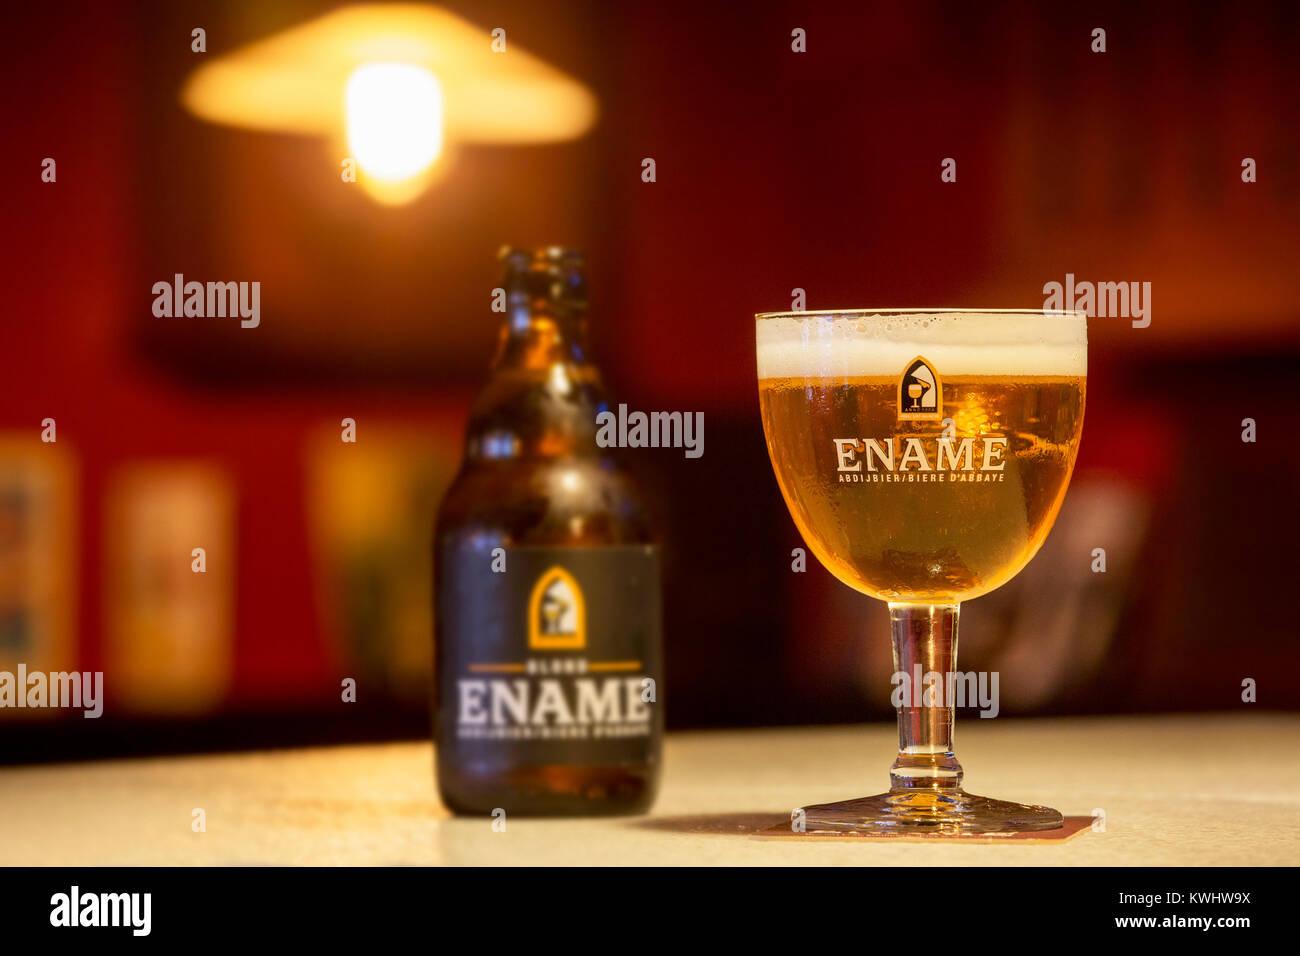 Ename blond beer glass and beer bottle, one of many Belgian abbey beers brewed in Oudenaarde, East Flanders by brewery - Stock Image